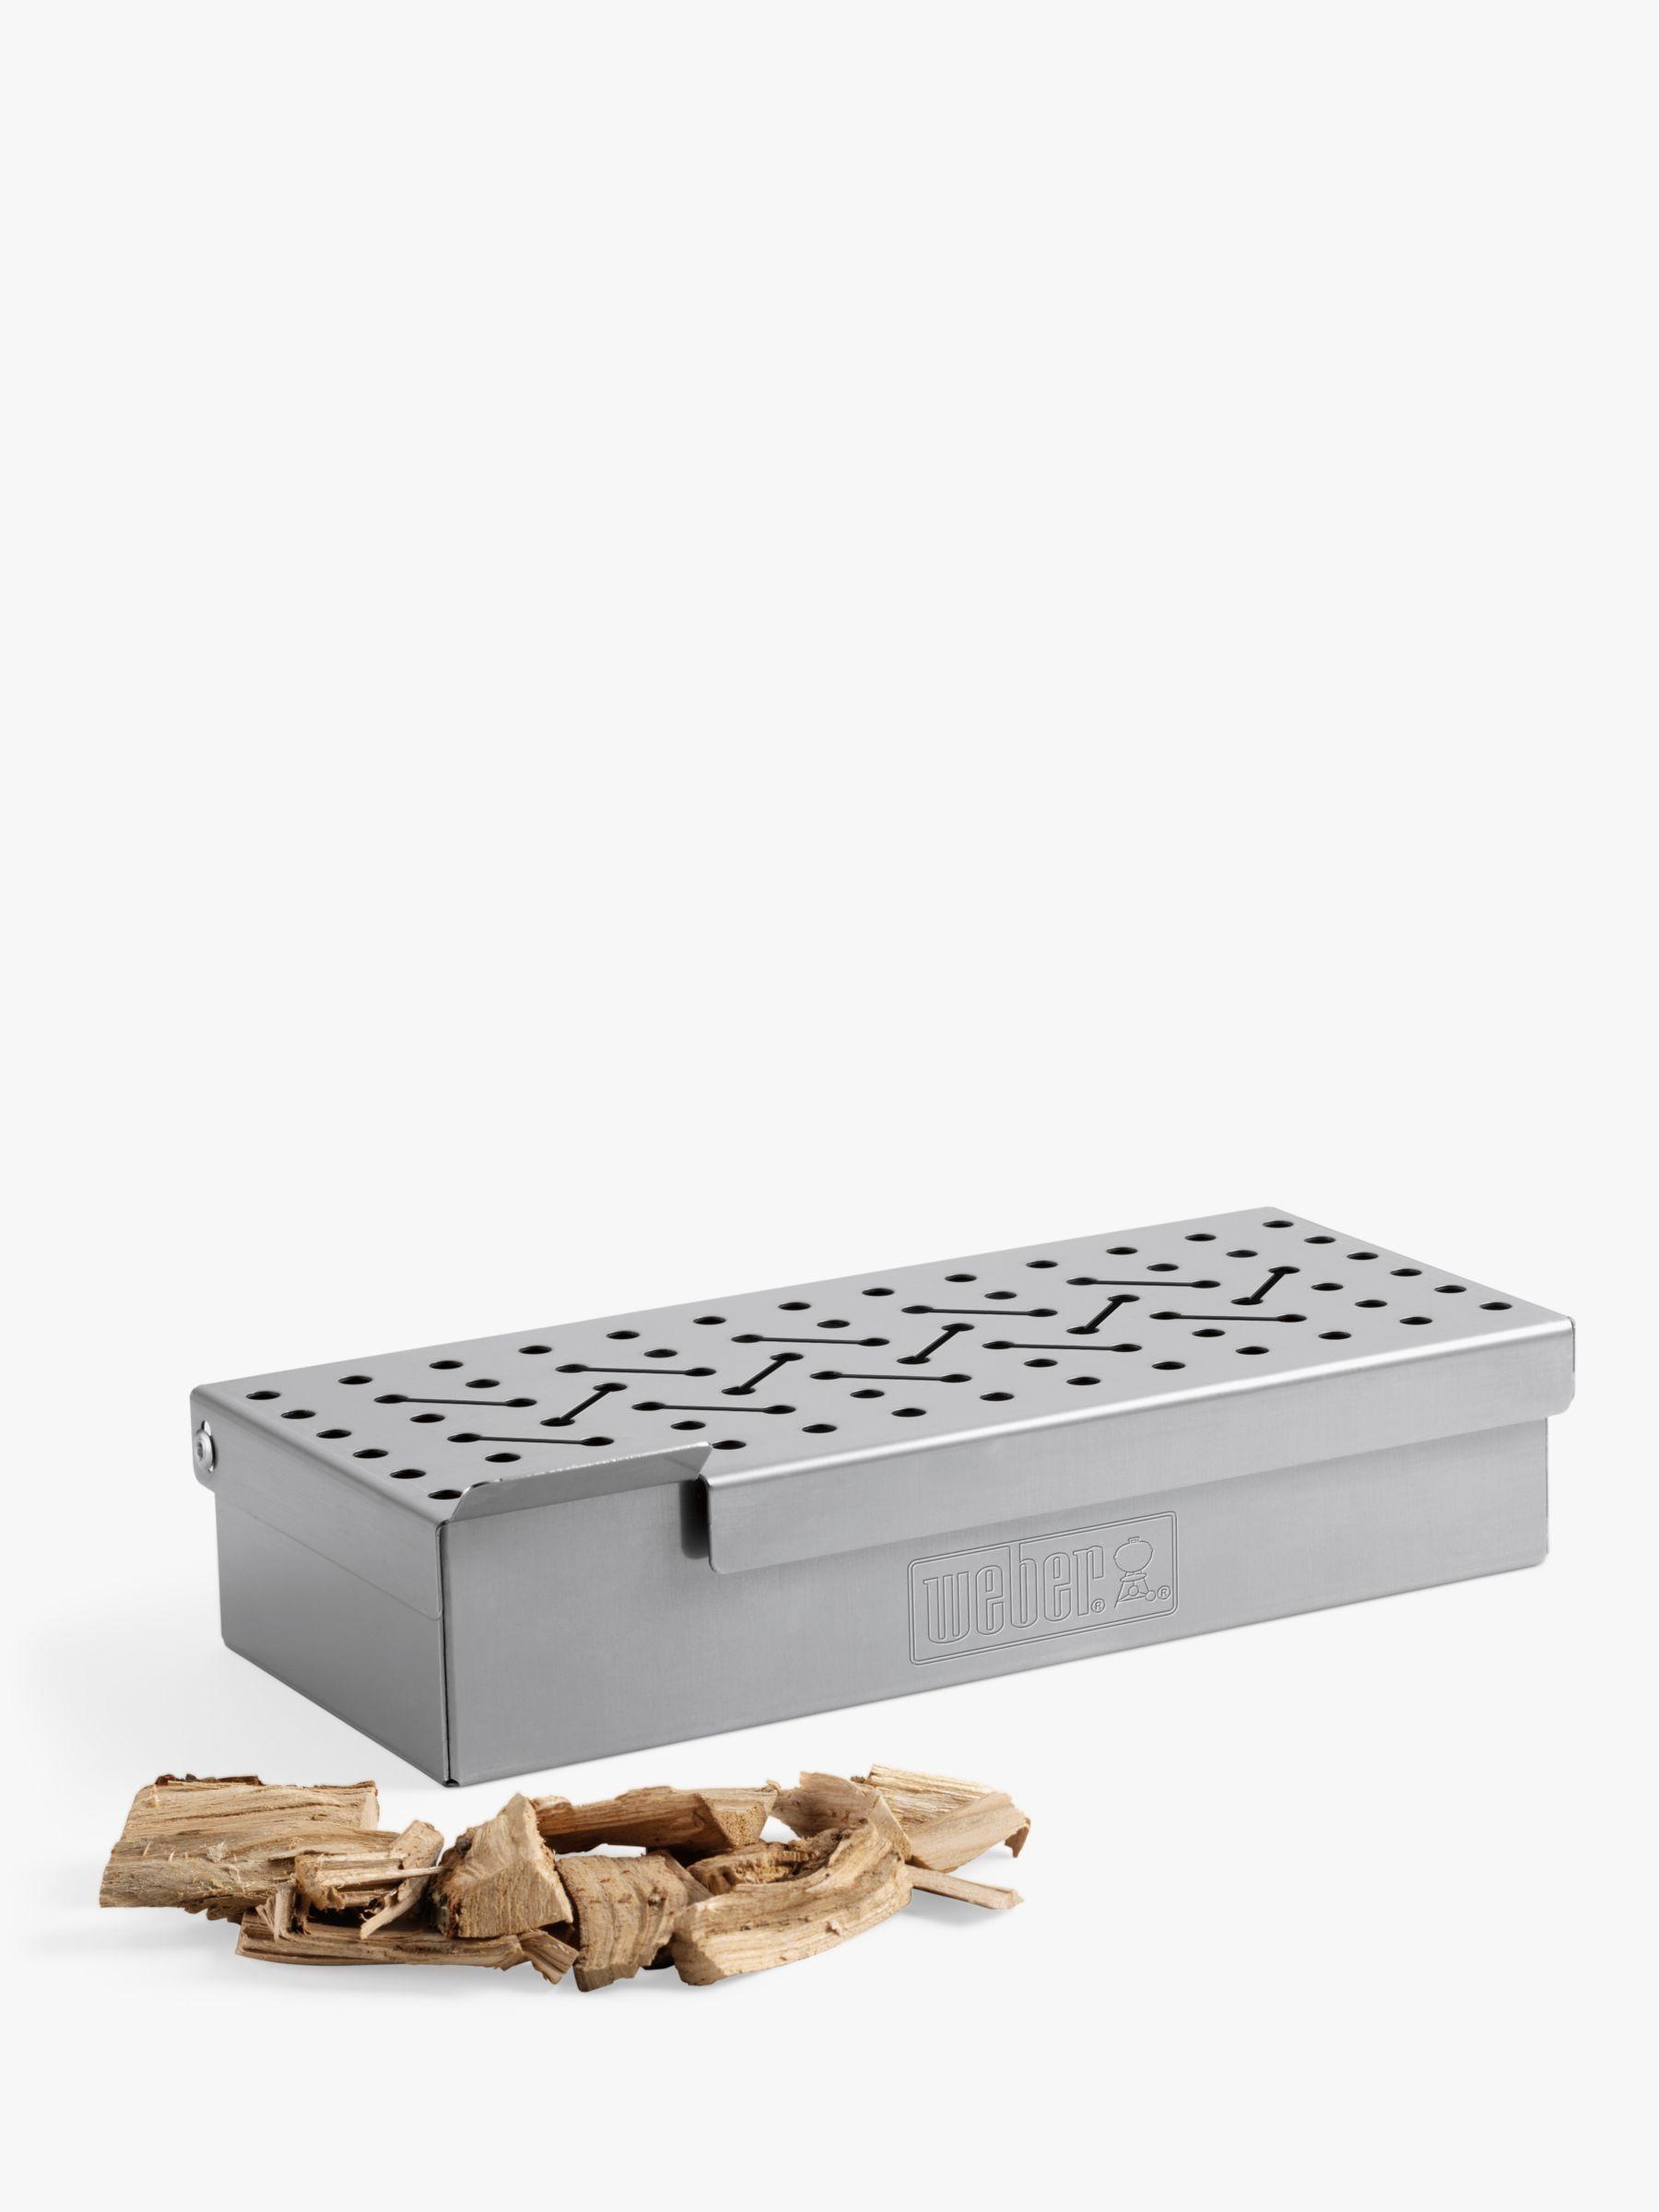 Weber Style Smoker Box